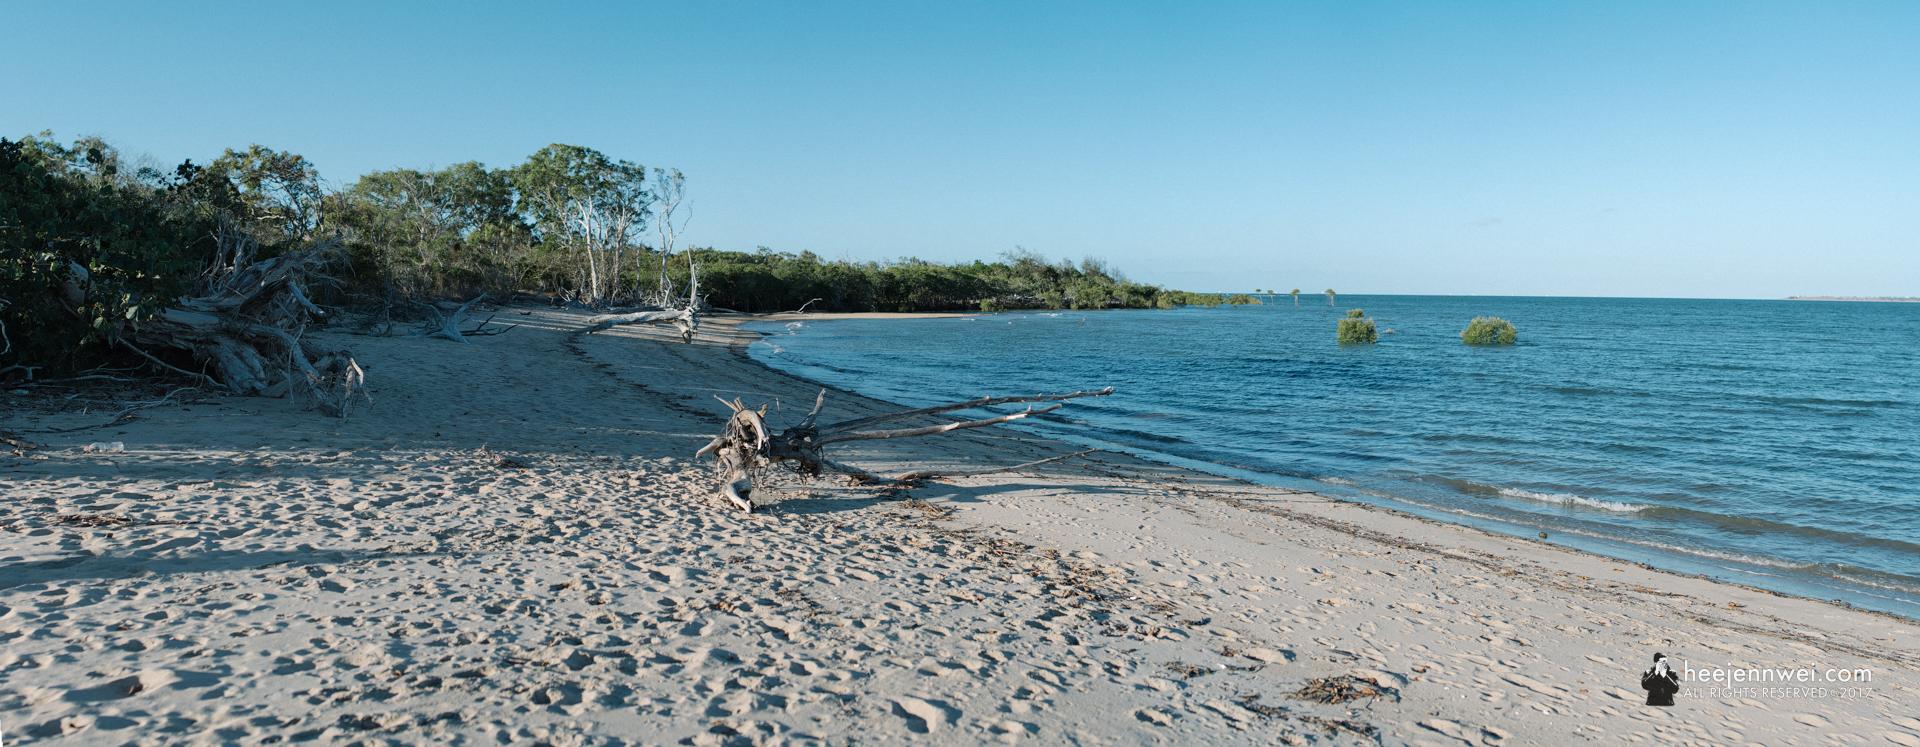 Our Airbnb backyard! McEwens Beach.